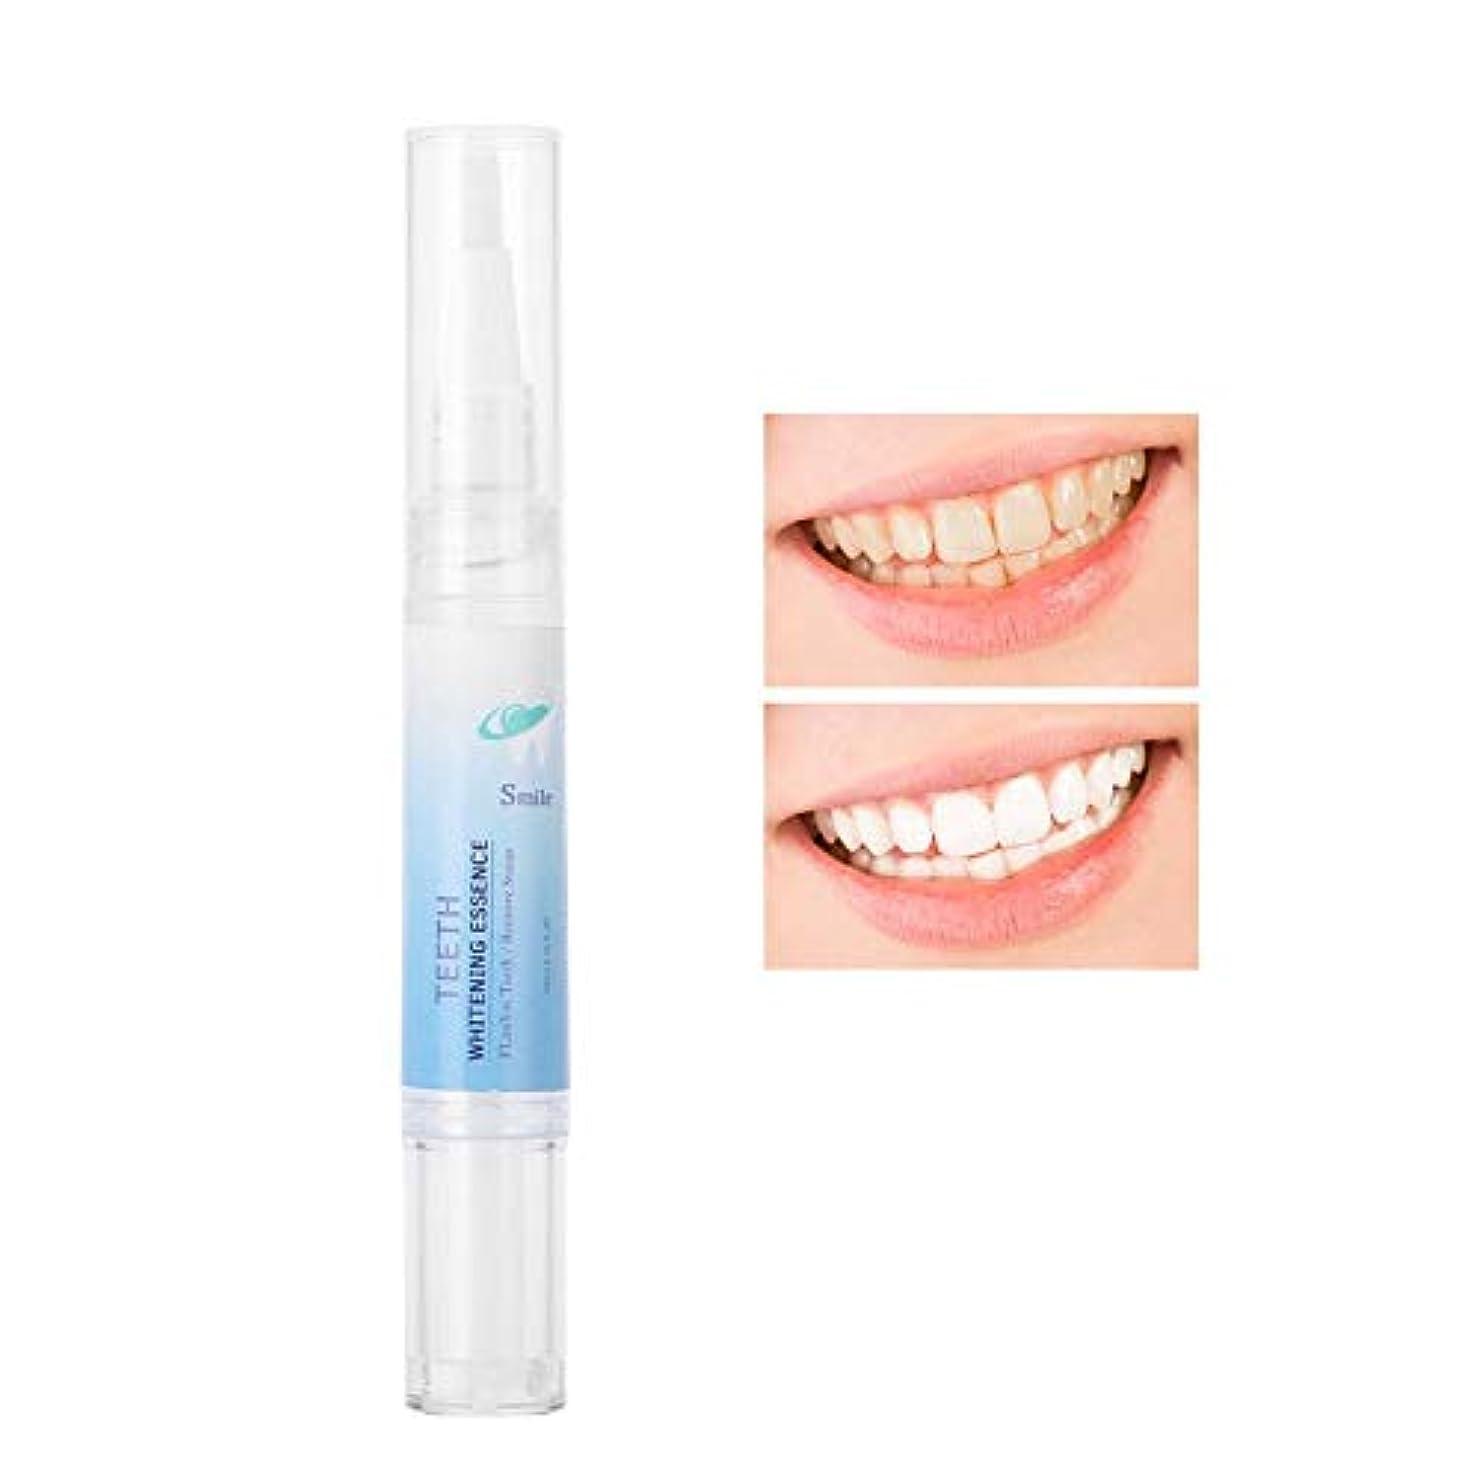 大砲ライブ姿を消す歯ホワイトニングペン 歯汚れのリムーバー 歯を白くする美白歯磨き